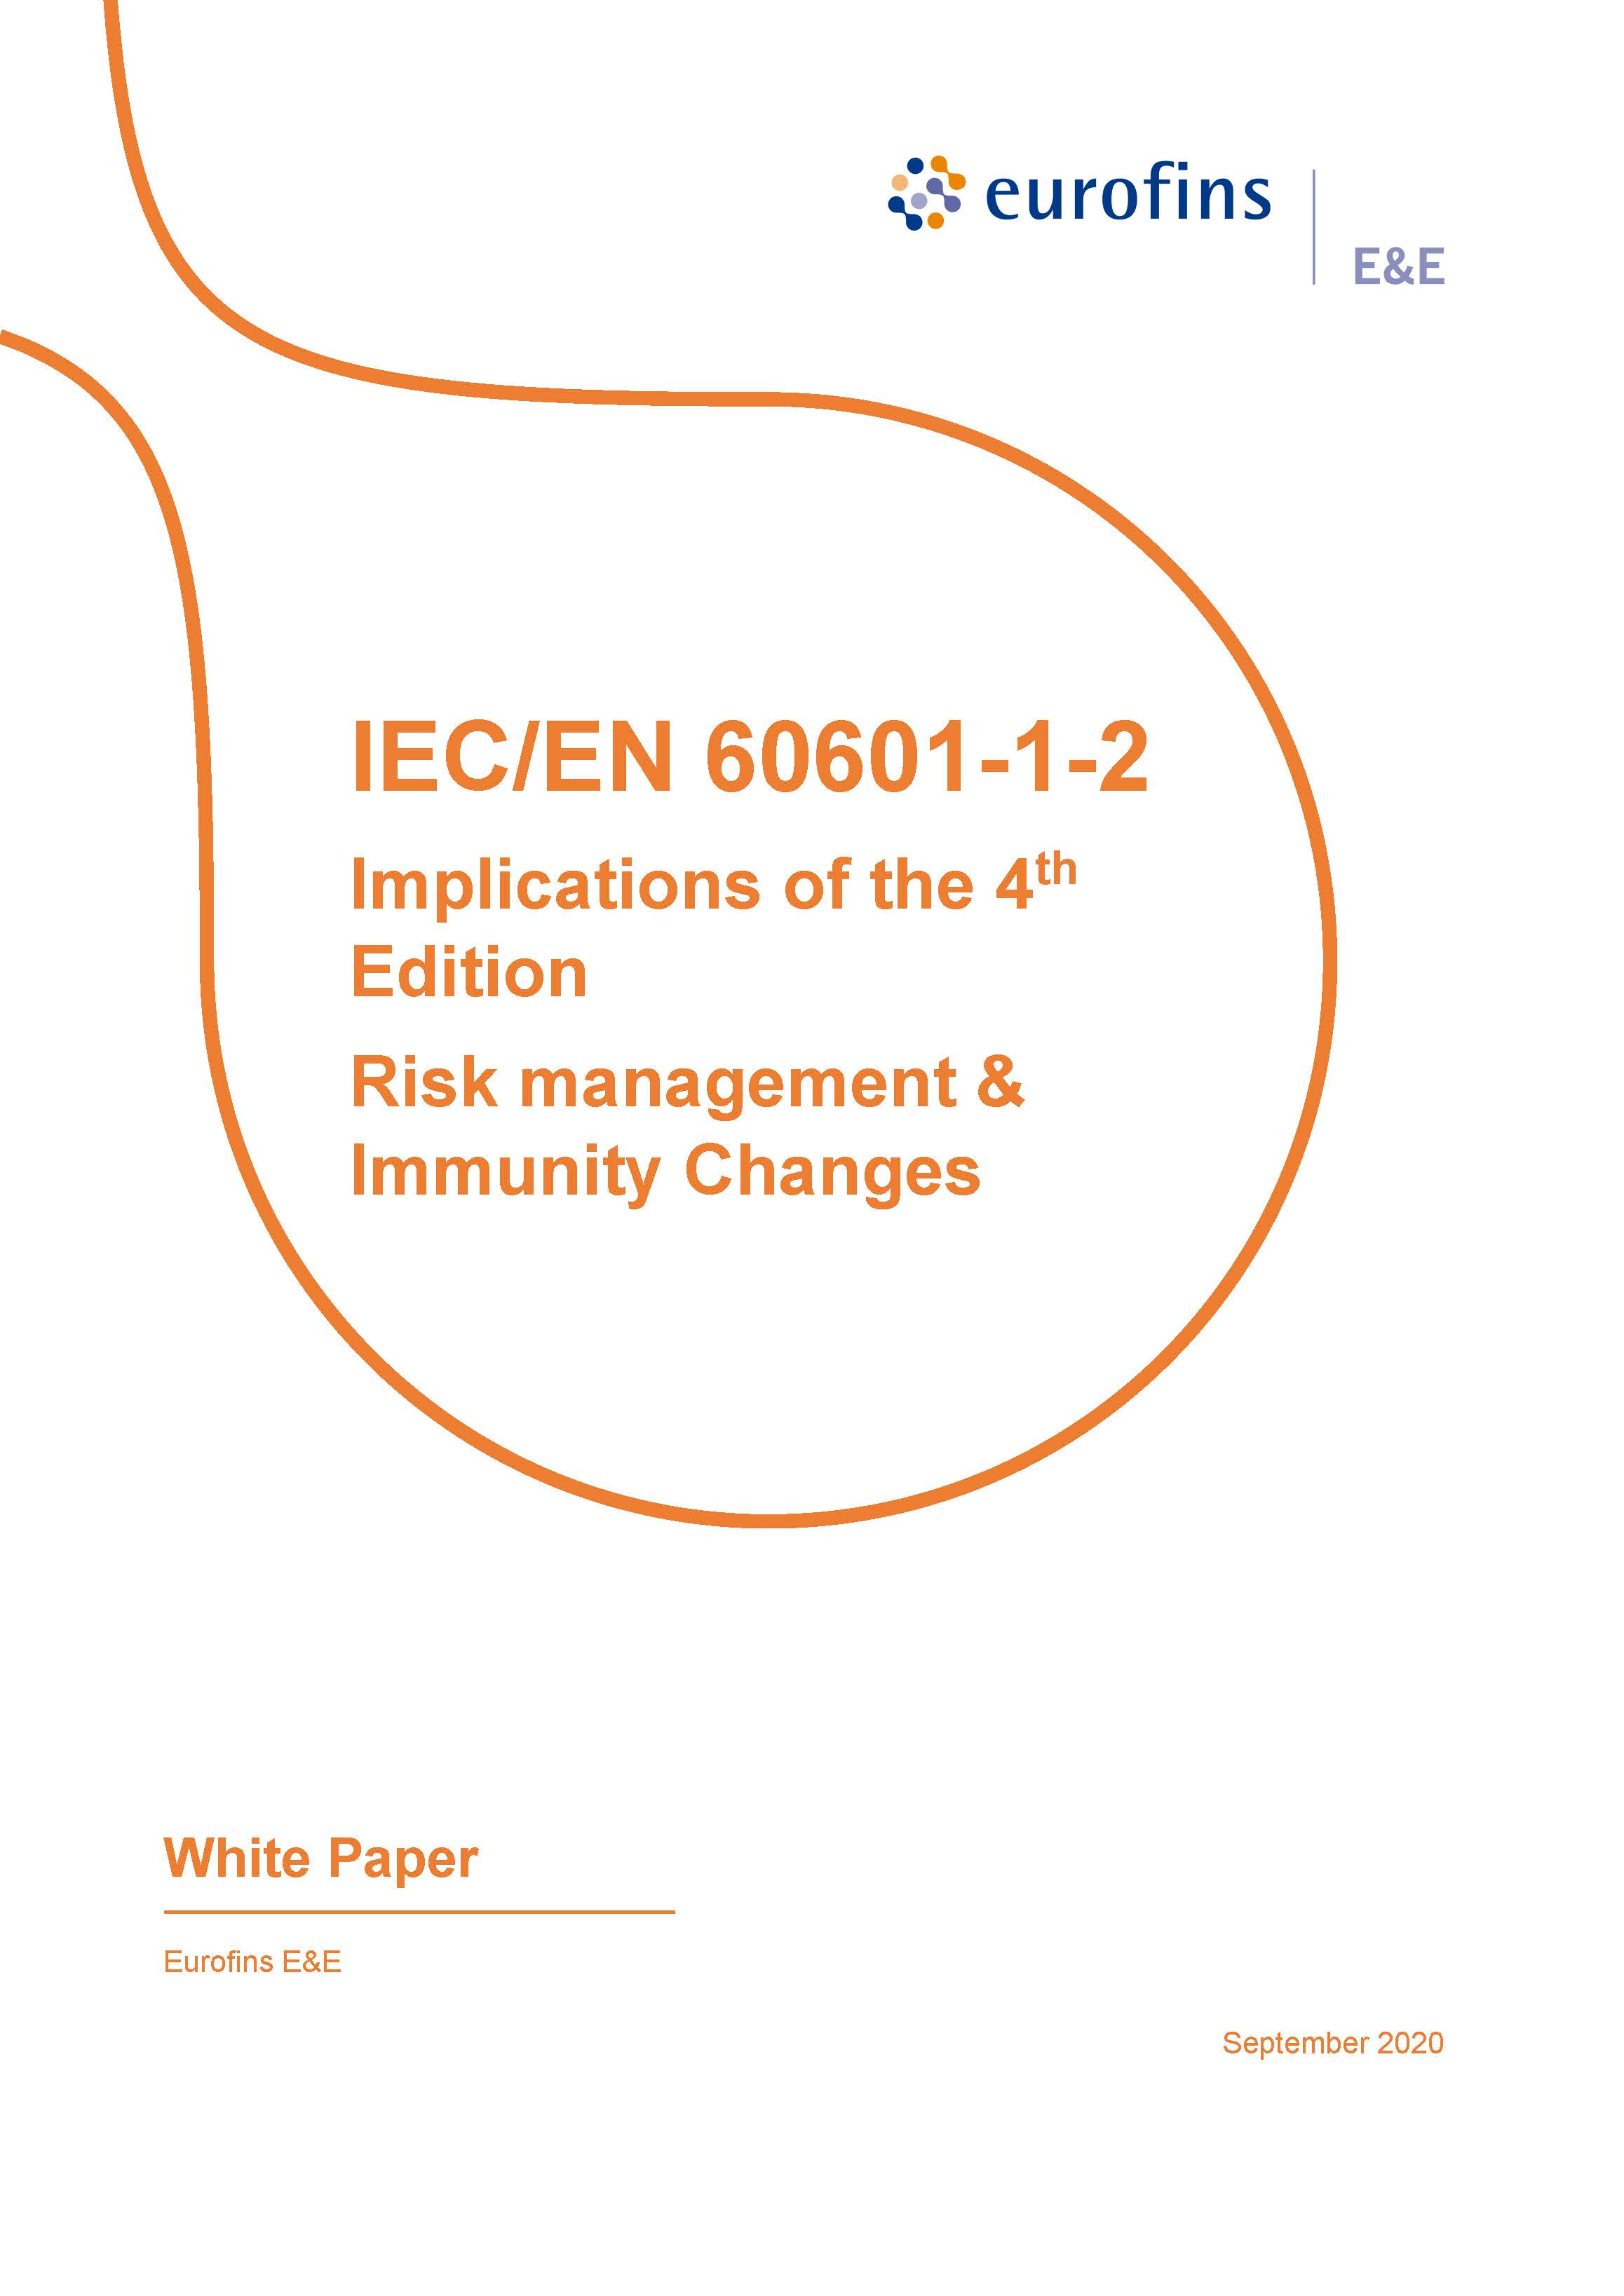 Eurofins E&E North America - White Paper - 4th Edition of 60601-1-2 - December 2020_Page_1